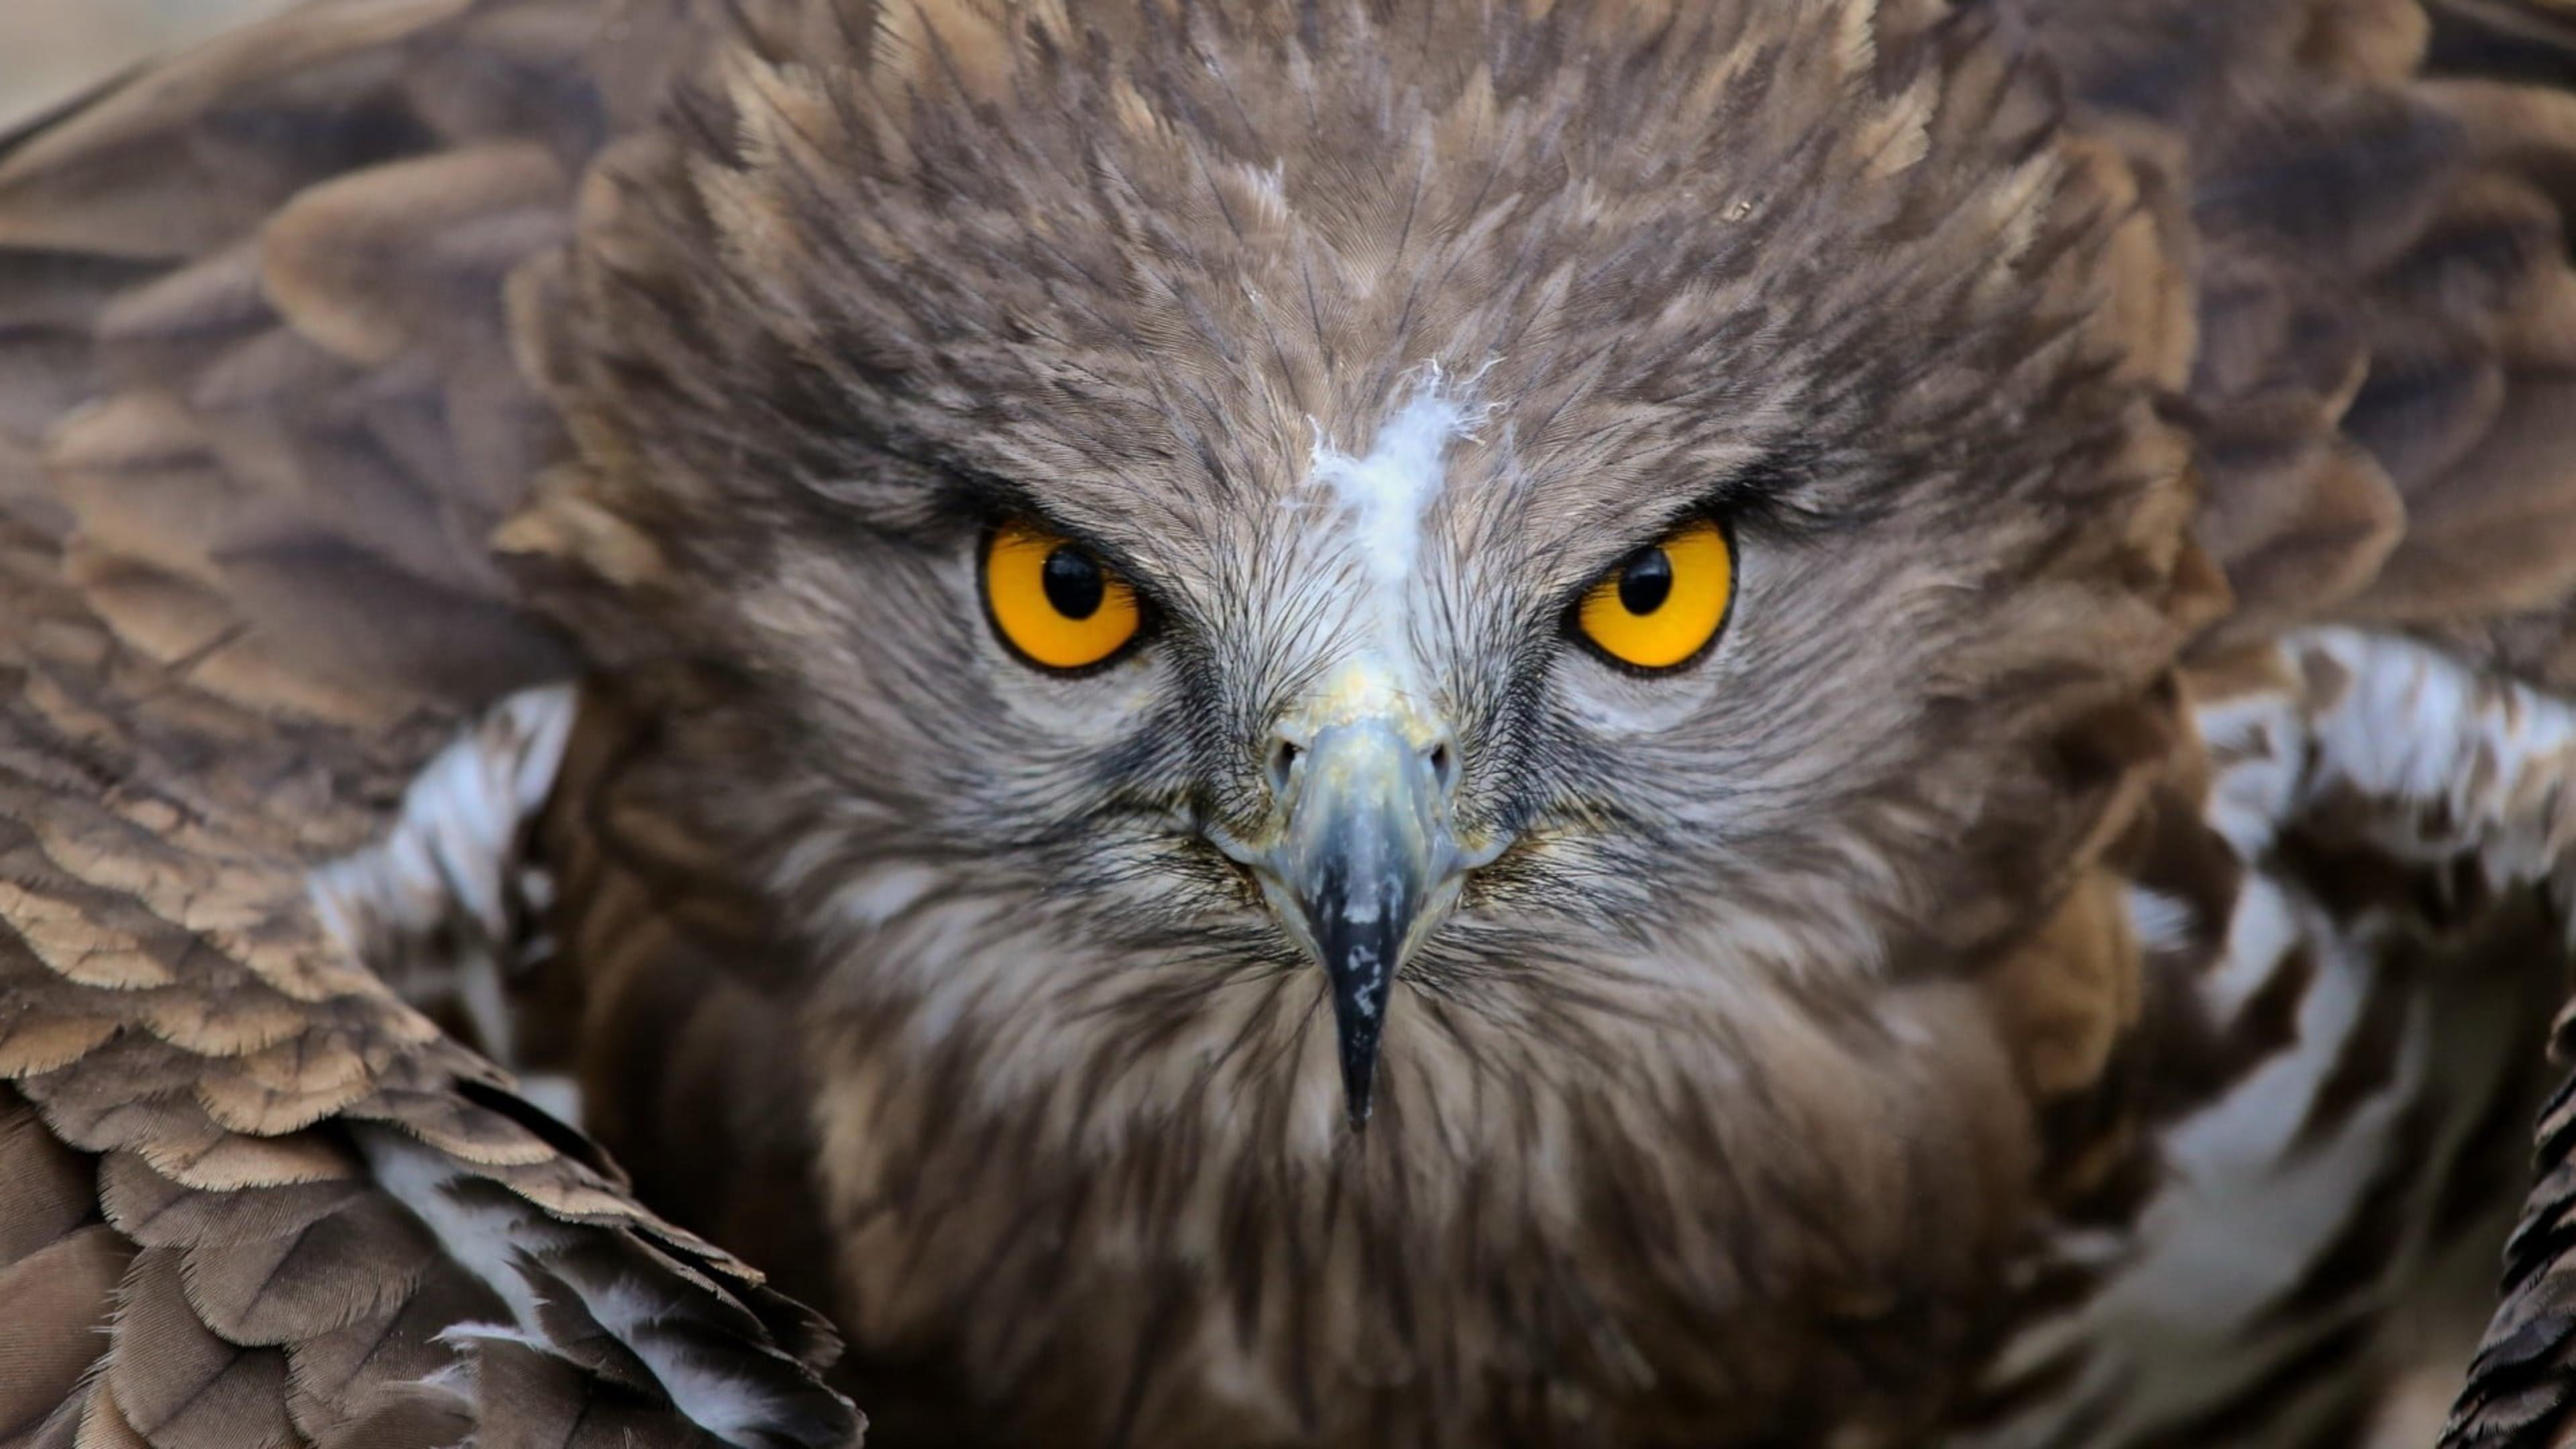 Коричневая сова иллюстрация природа животные птицы желтые глаза перья обои скачать